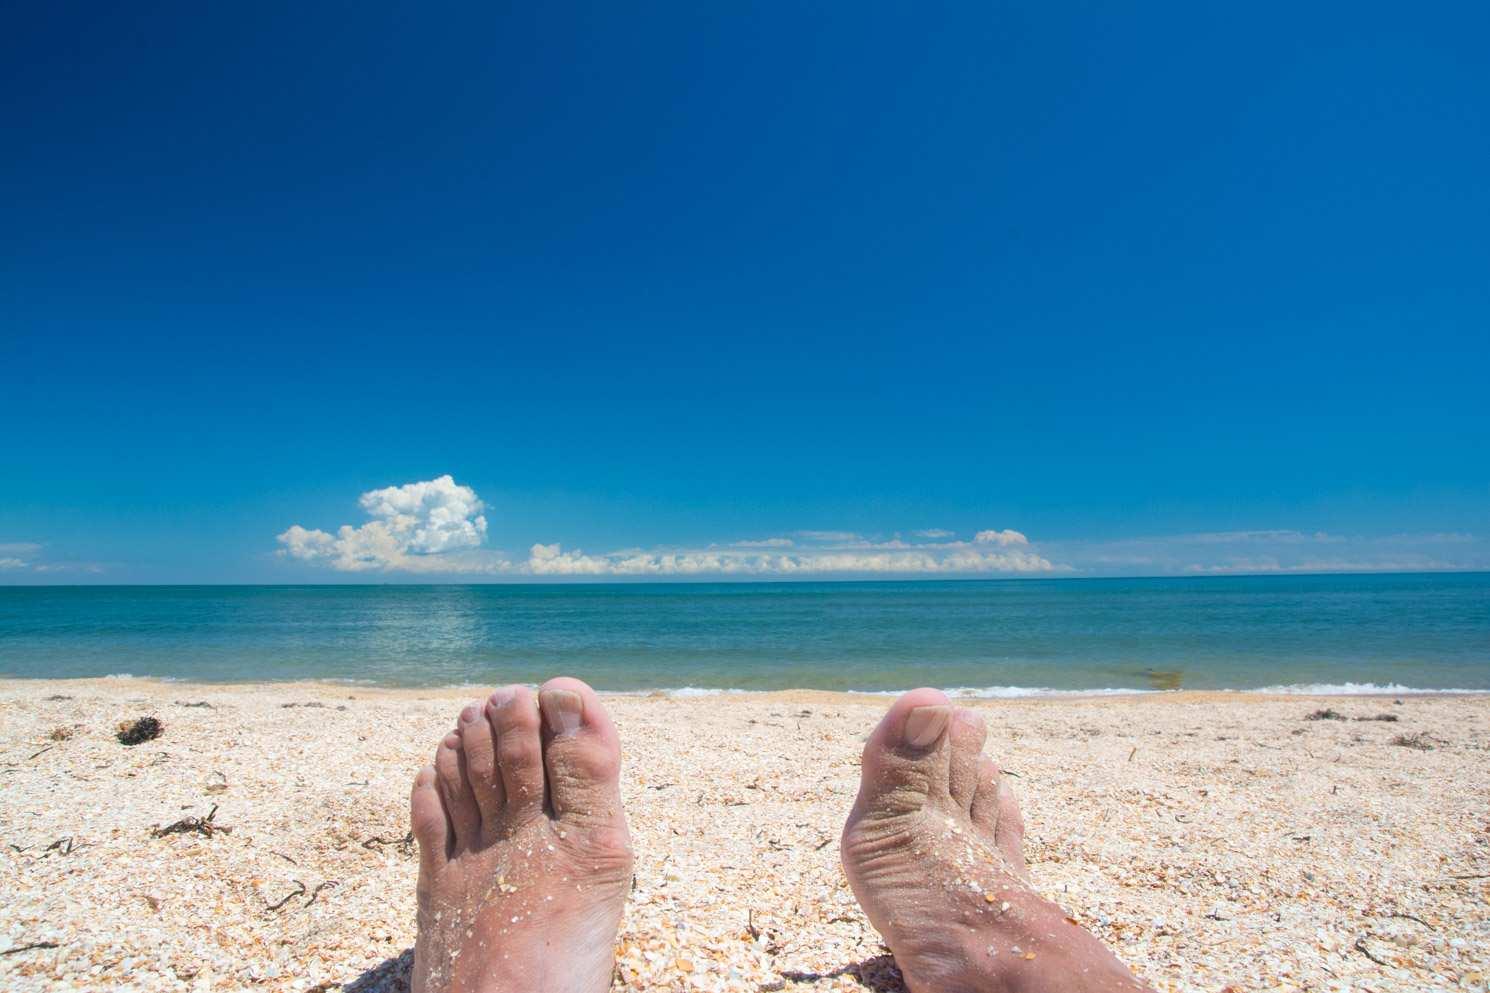 отпуск море азов небо облака радость жизнь